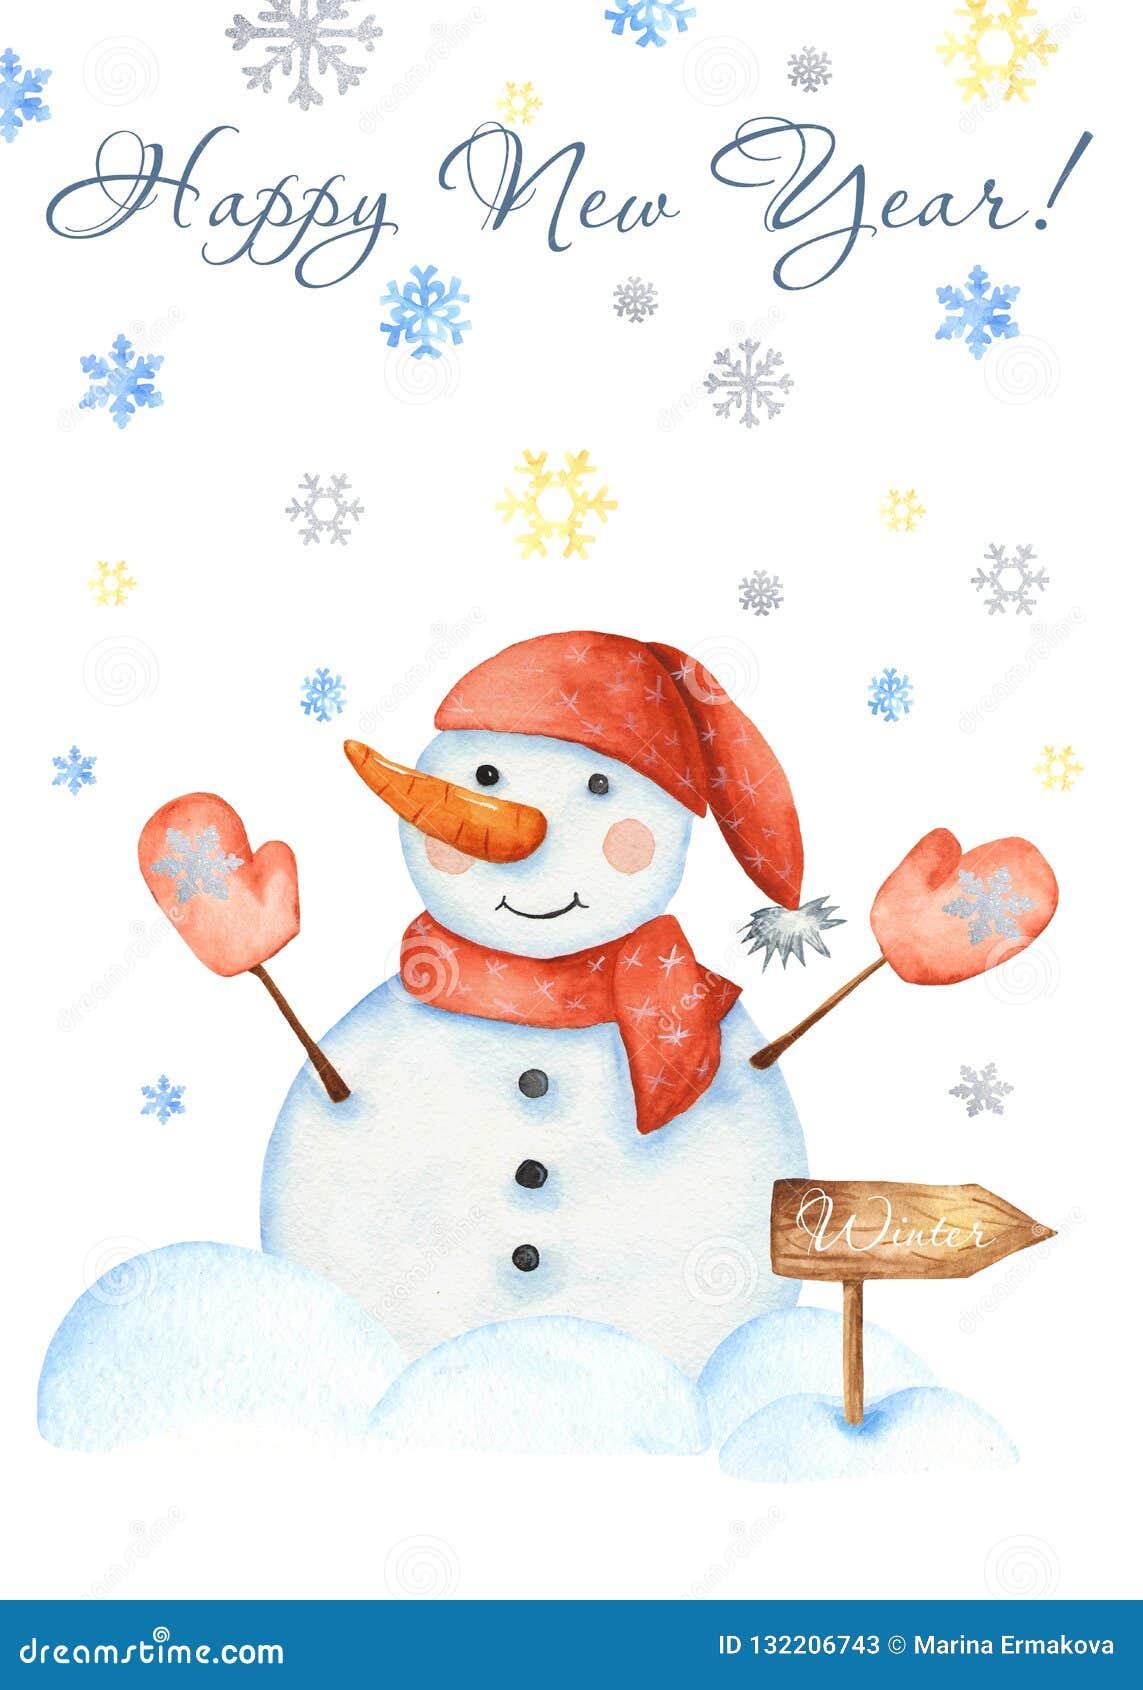 Карта со снеговиком, снежинки зимы акварели, игрушки рождества, сугробы